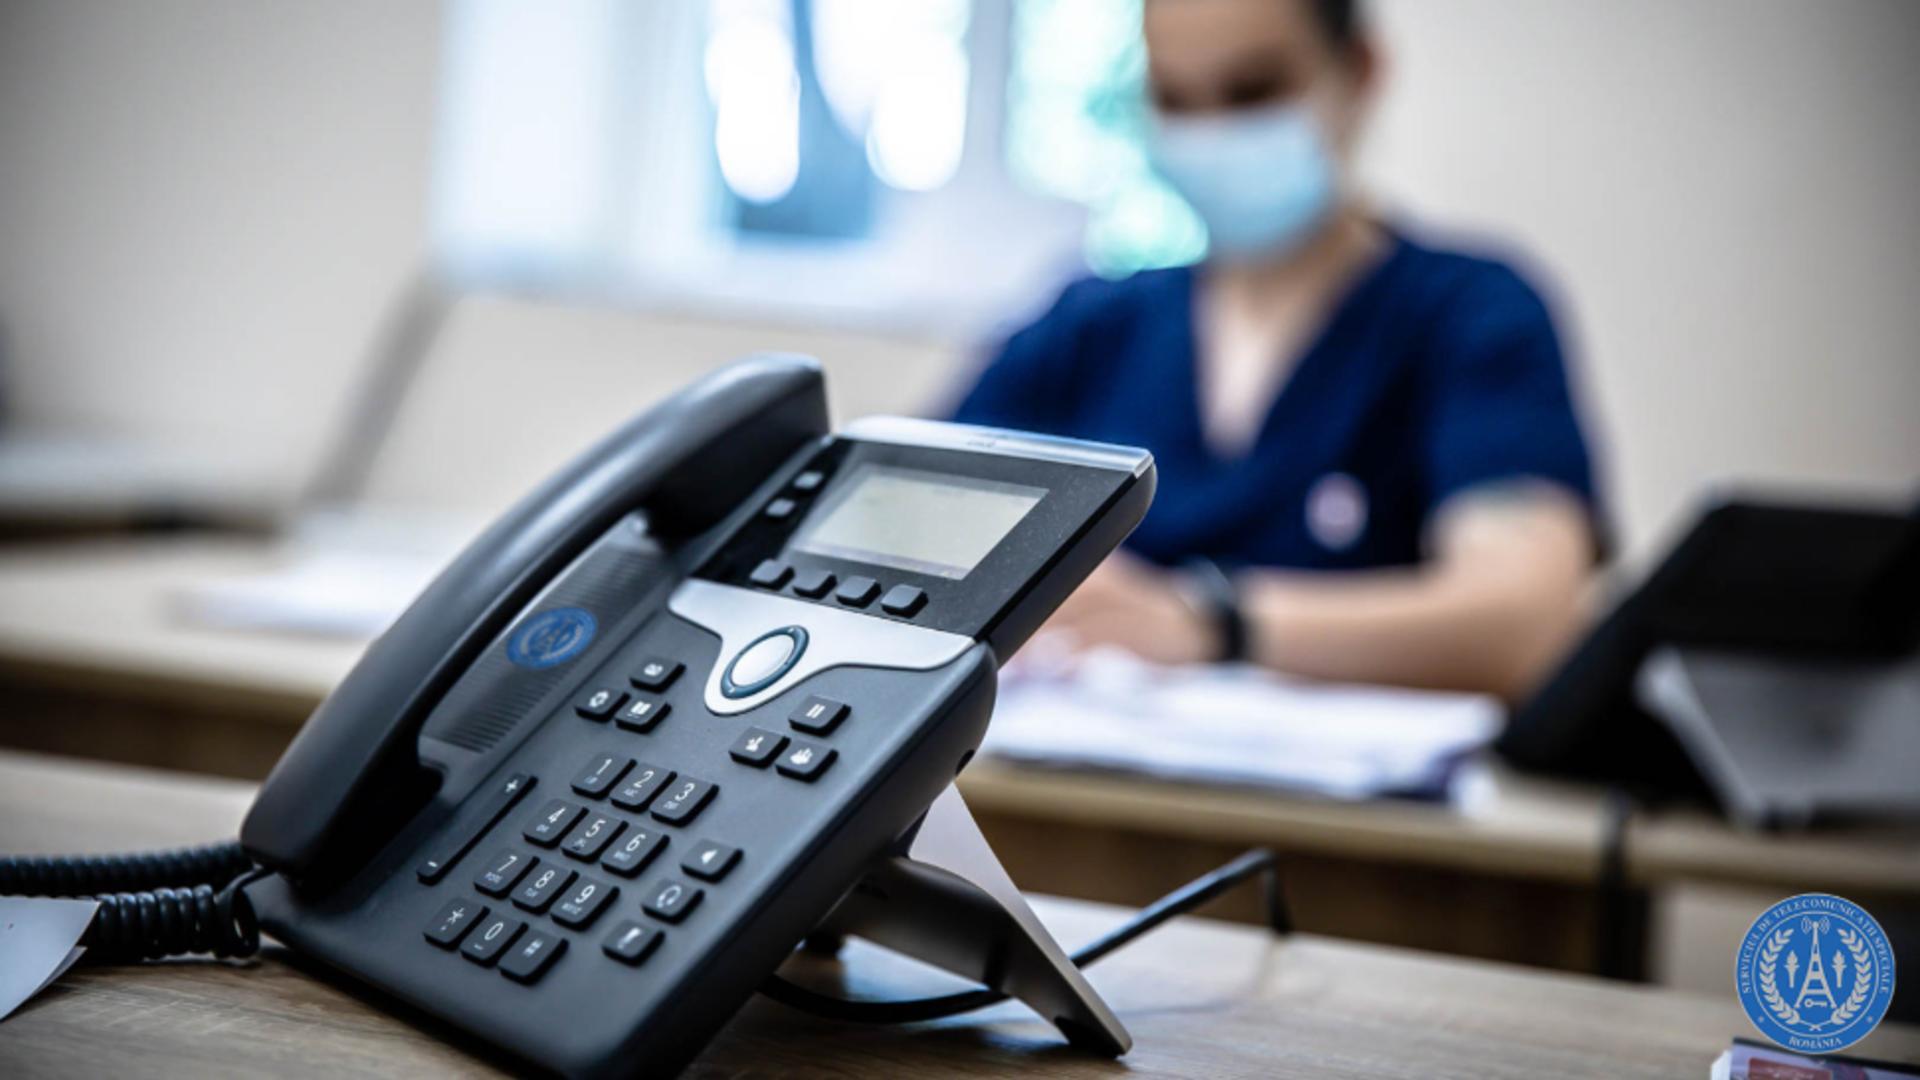 Linie telefonică pentru consultare psihologică